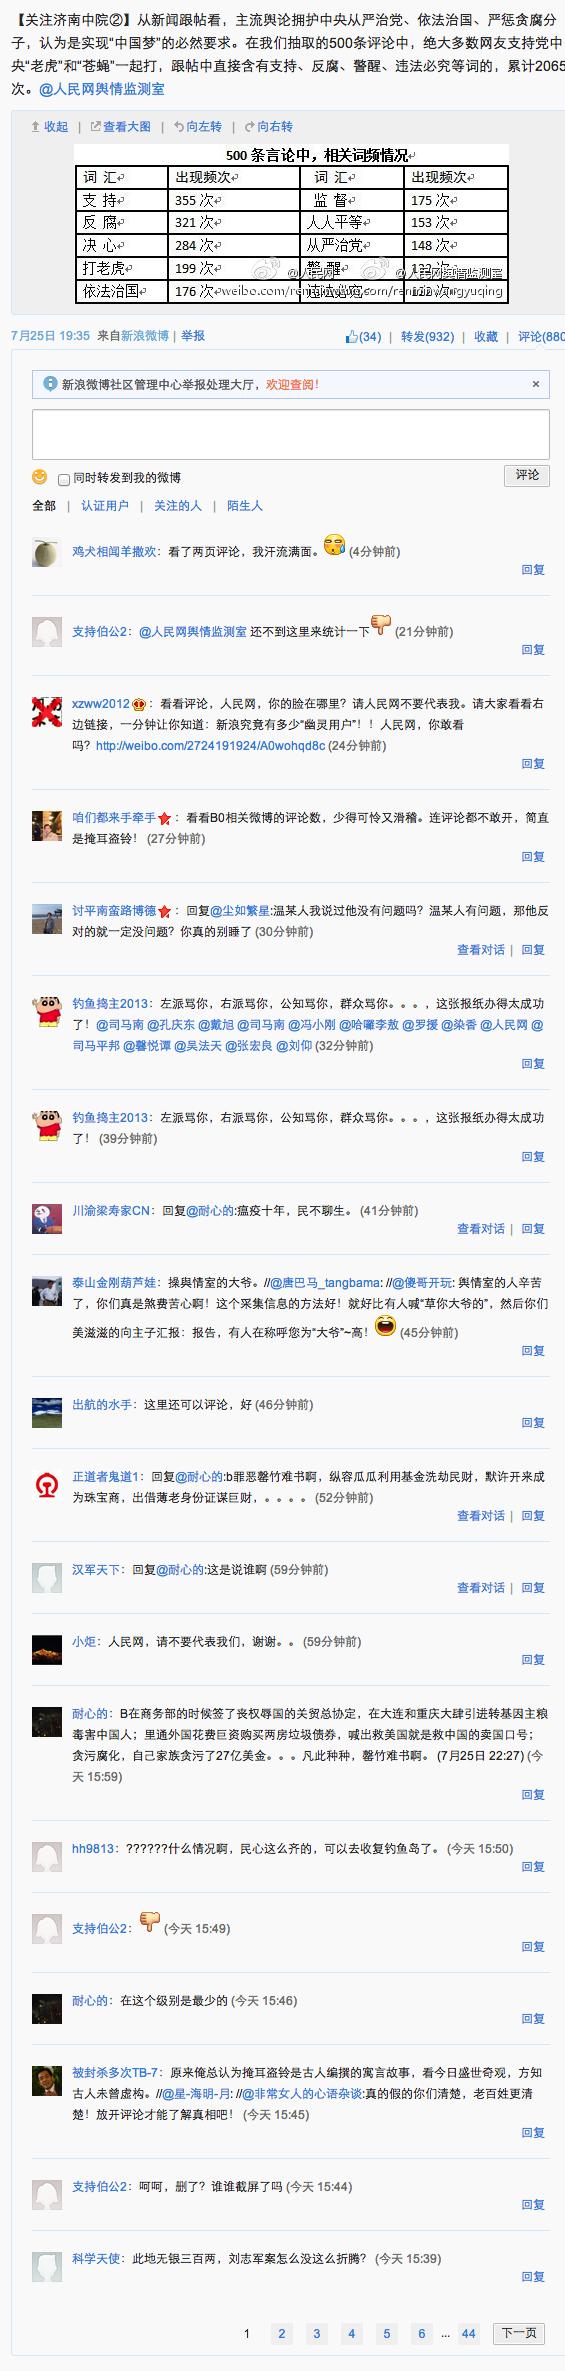 人民网的微博